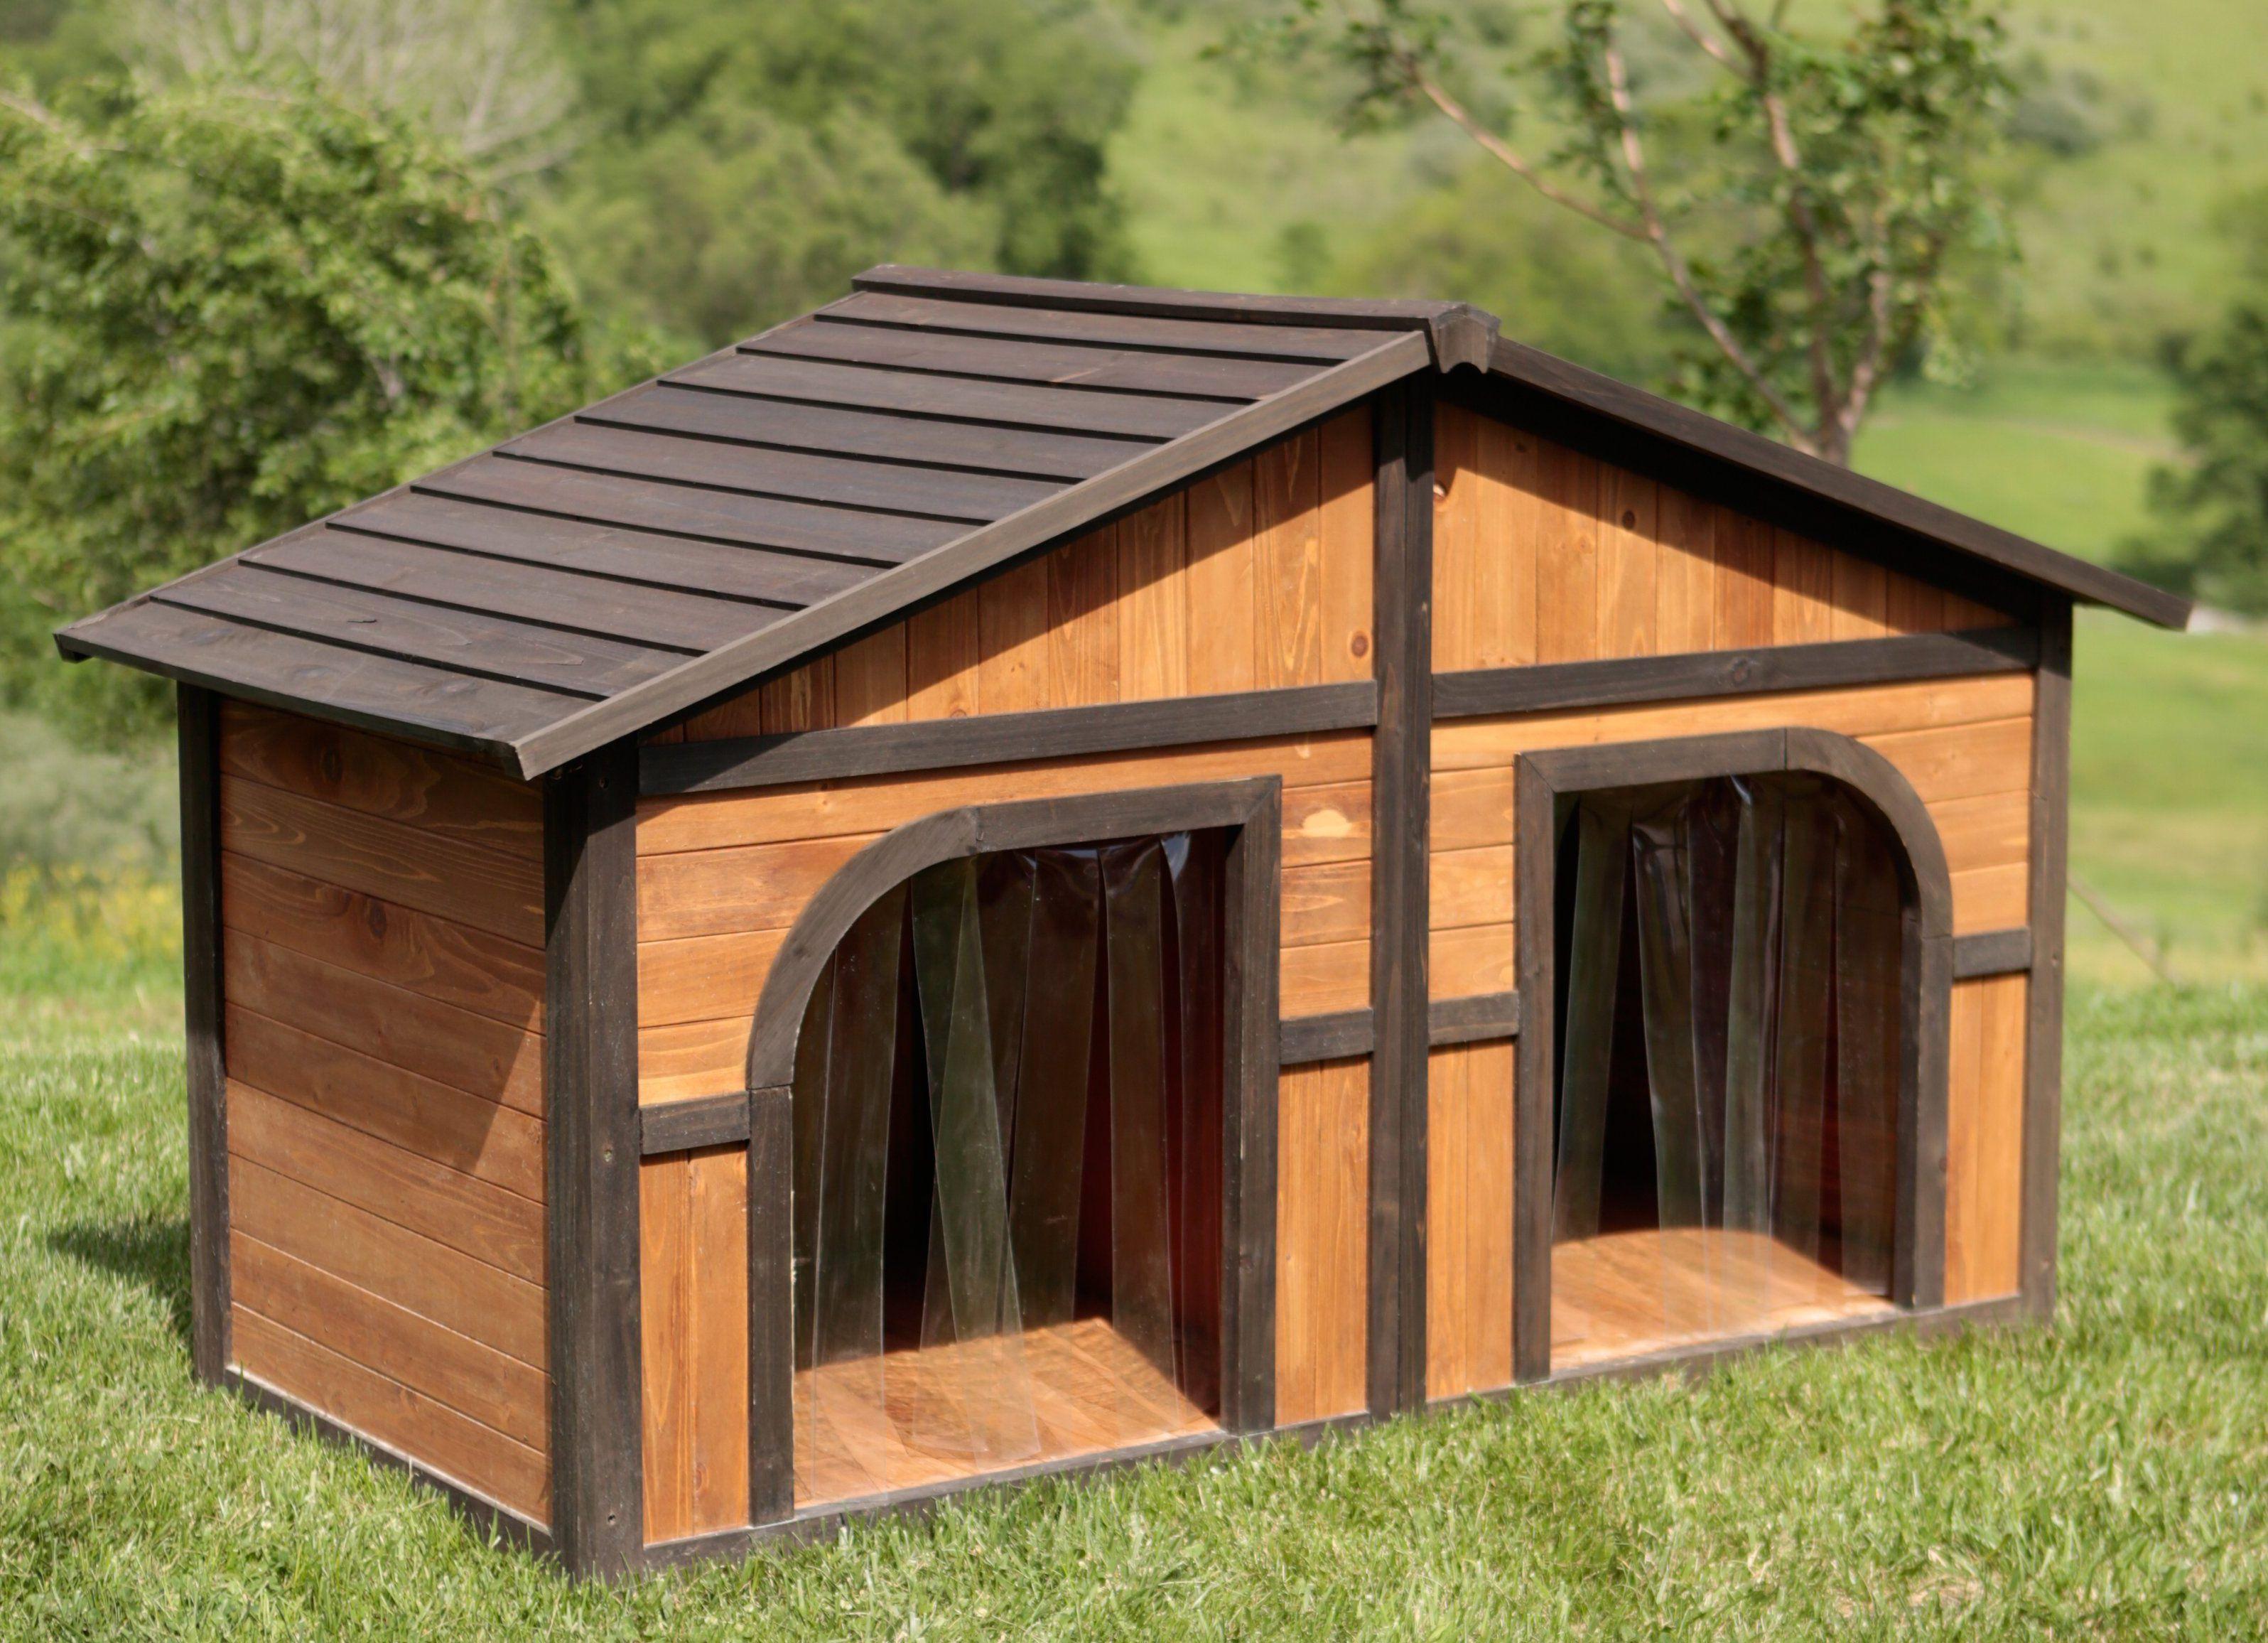 diy dog house kit